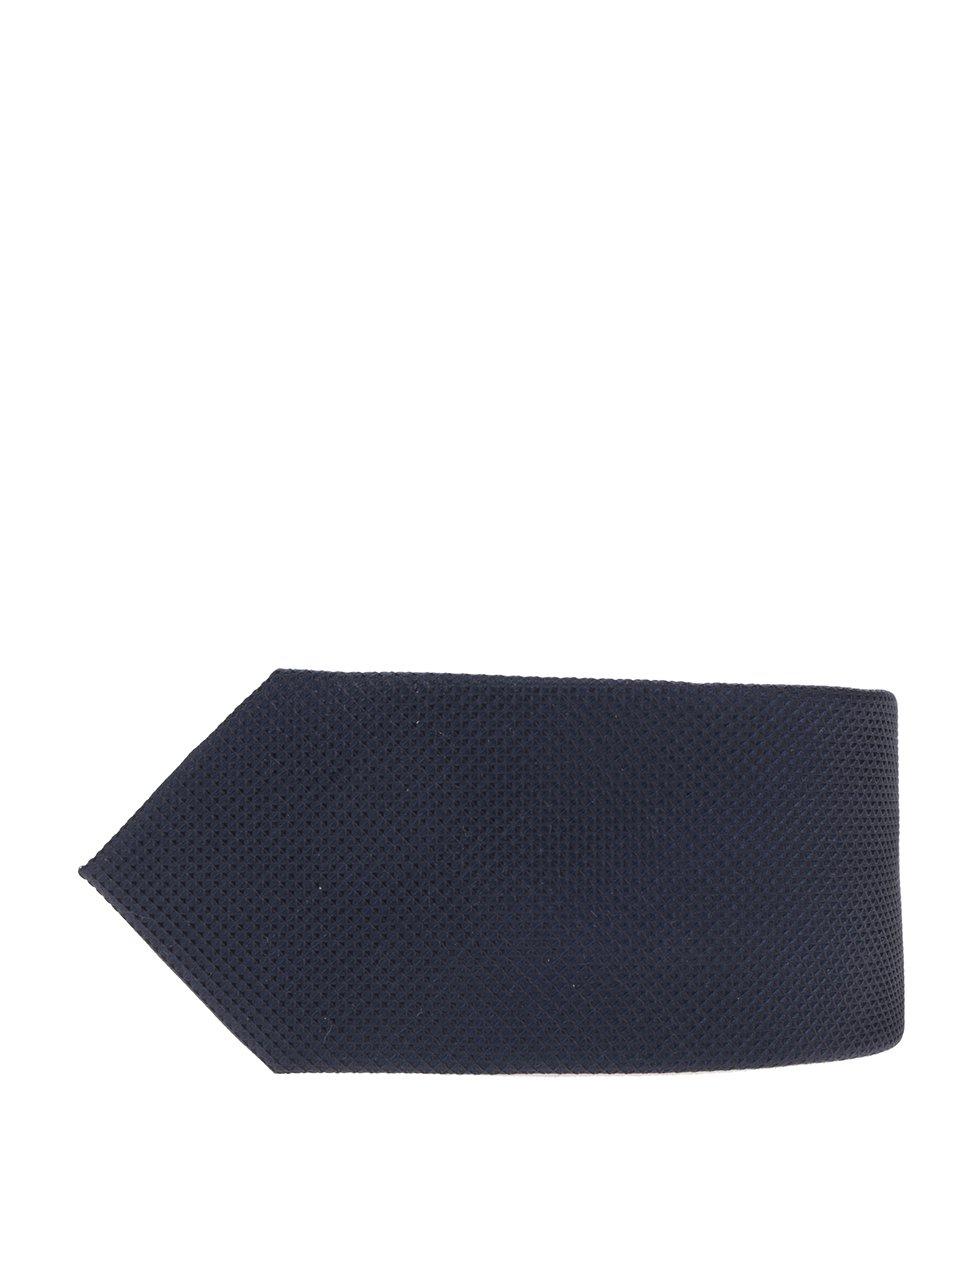 Tmavě modrá hedvábná kravata s drobným vzorem Jack & Jones Premium Colombia